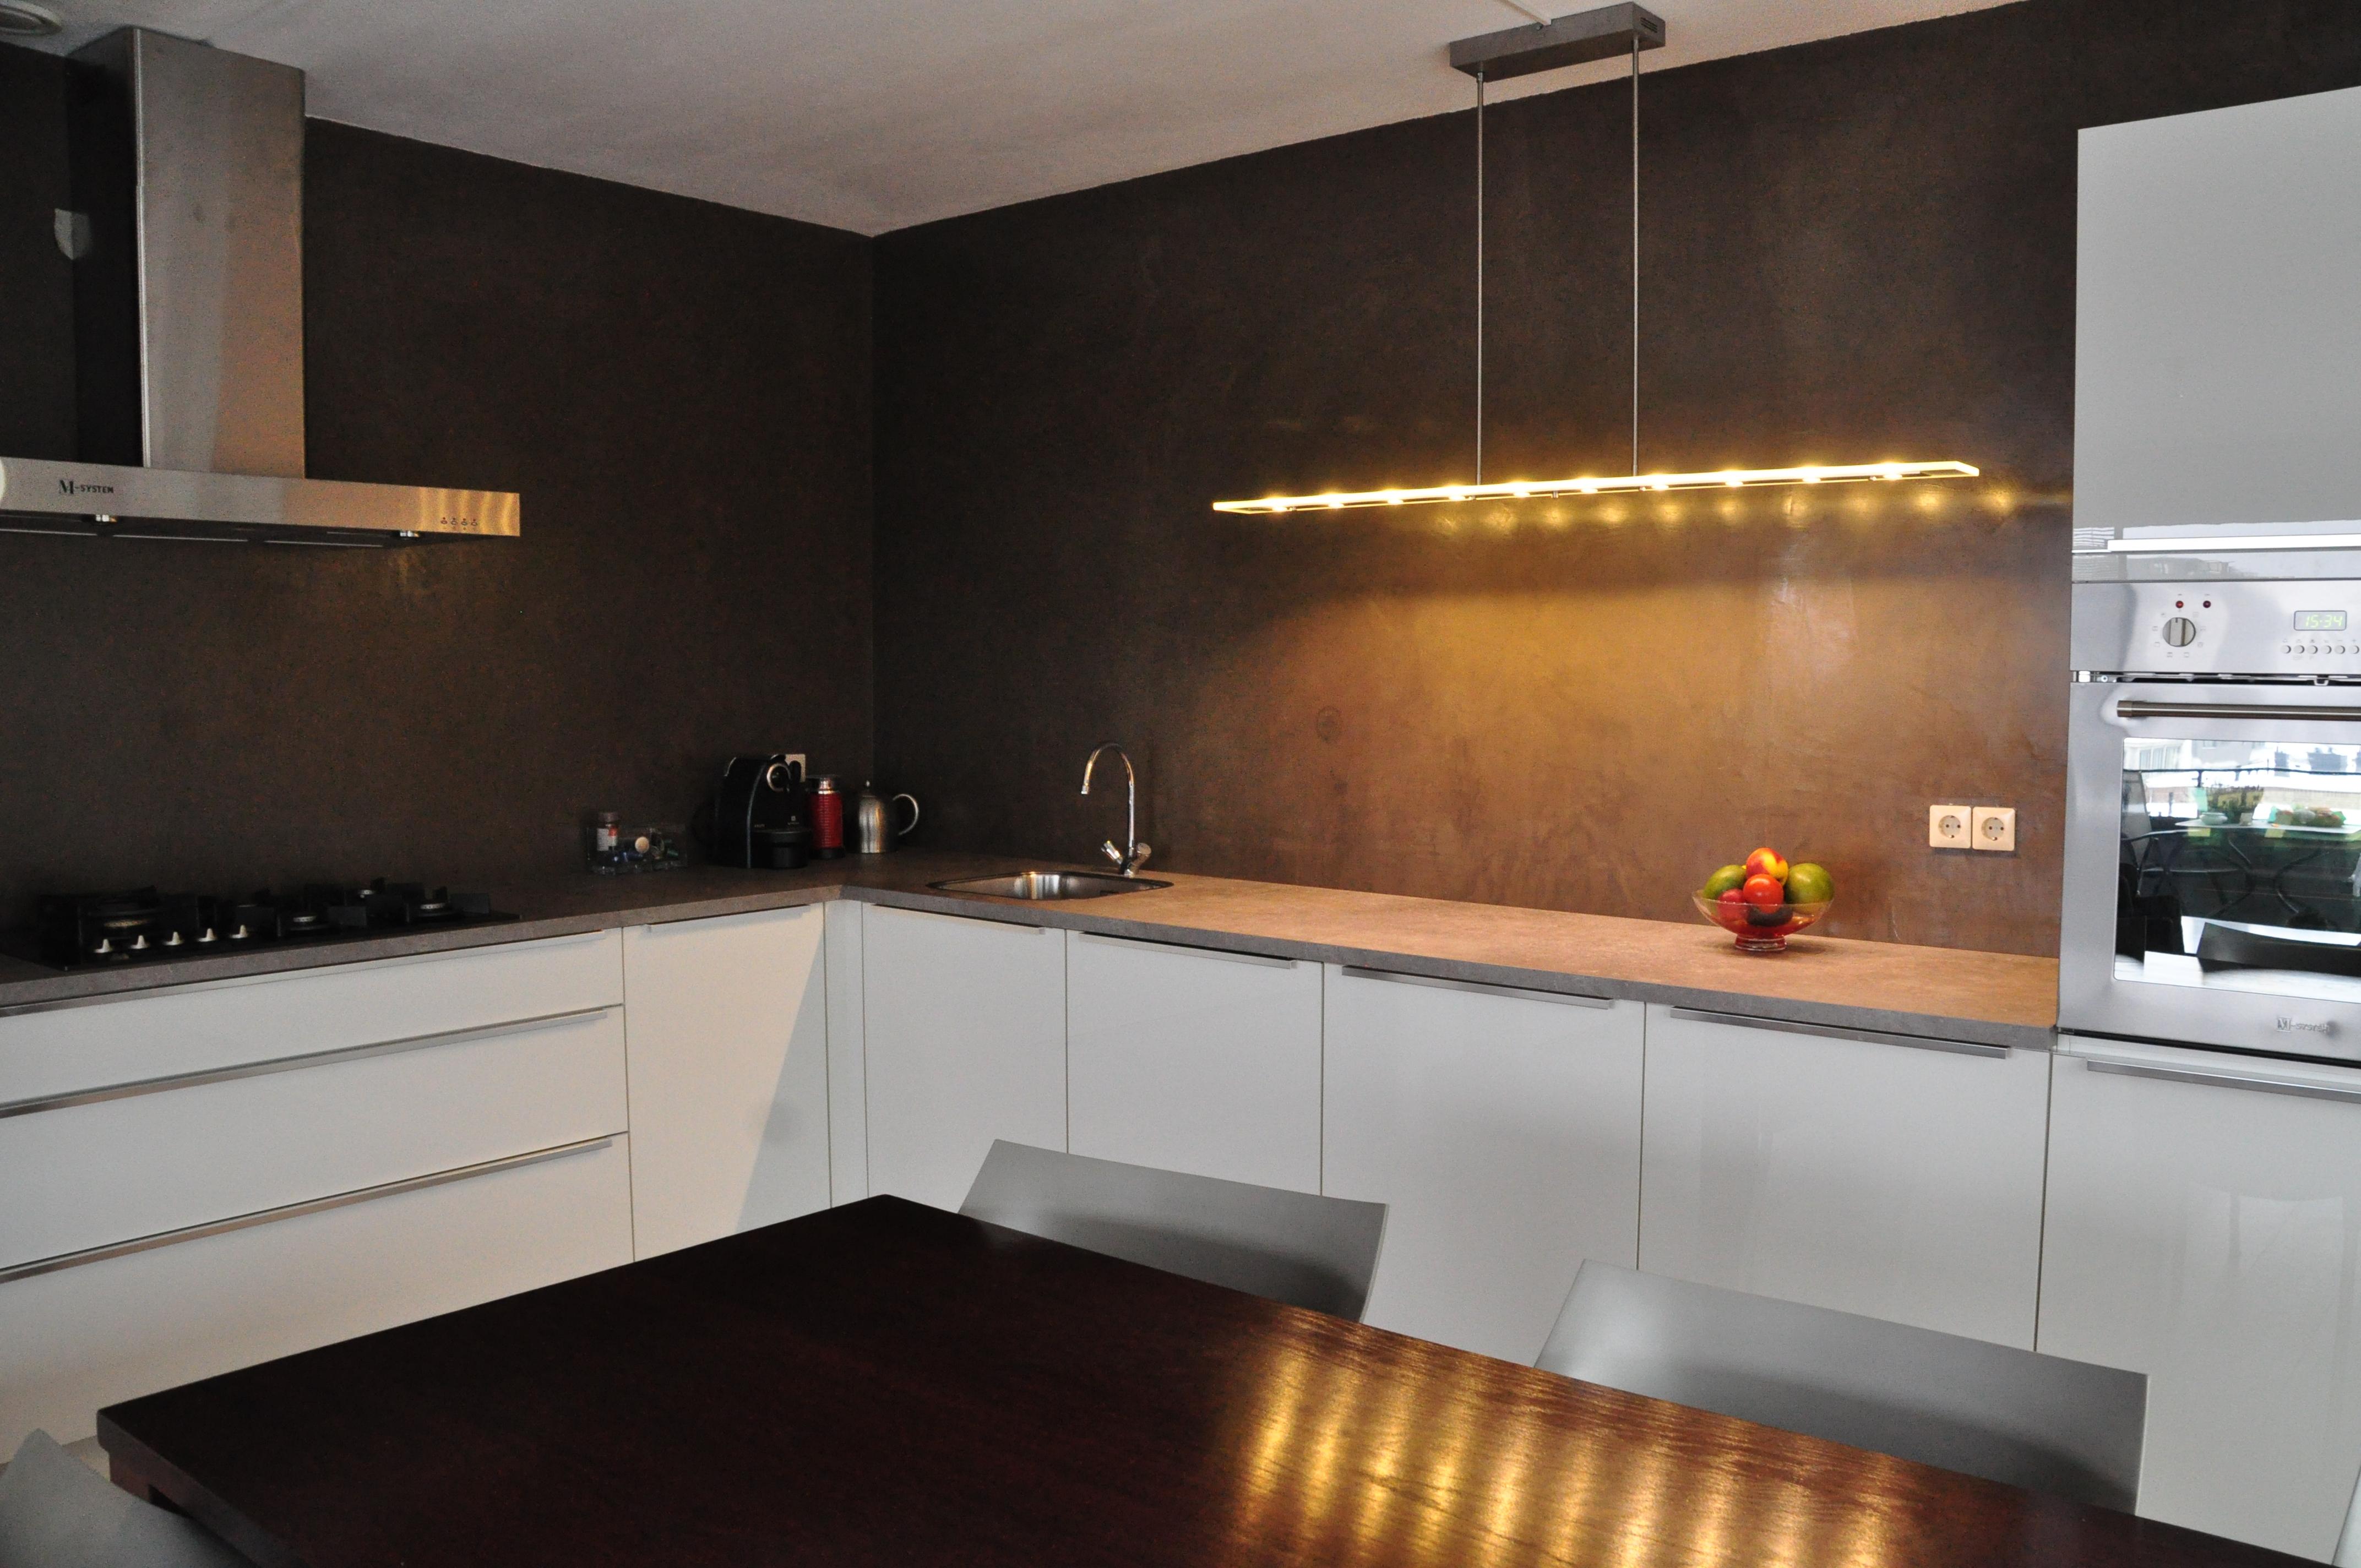 De Spaan Showroom Stucwerk Keukens Achterwanden Project